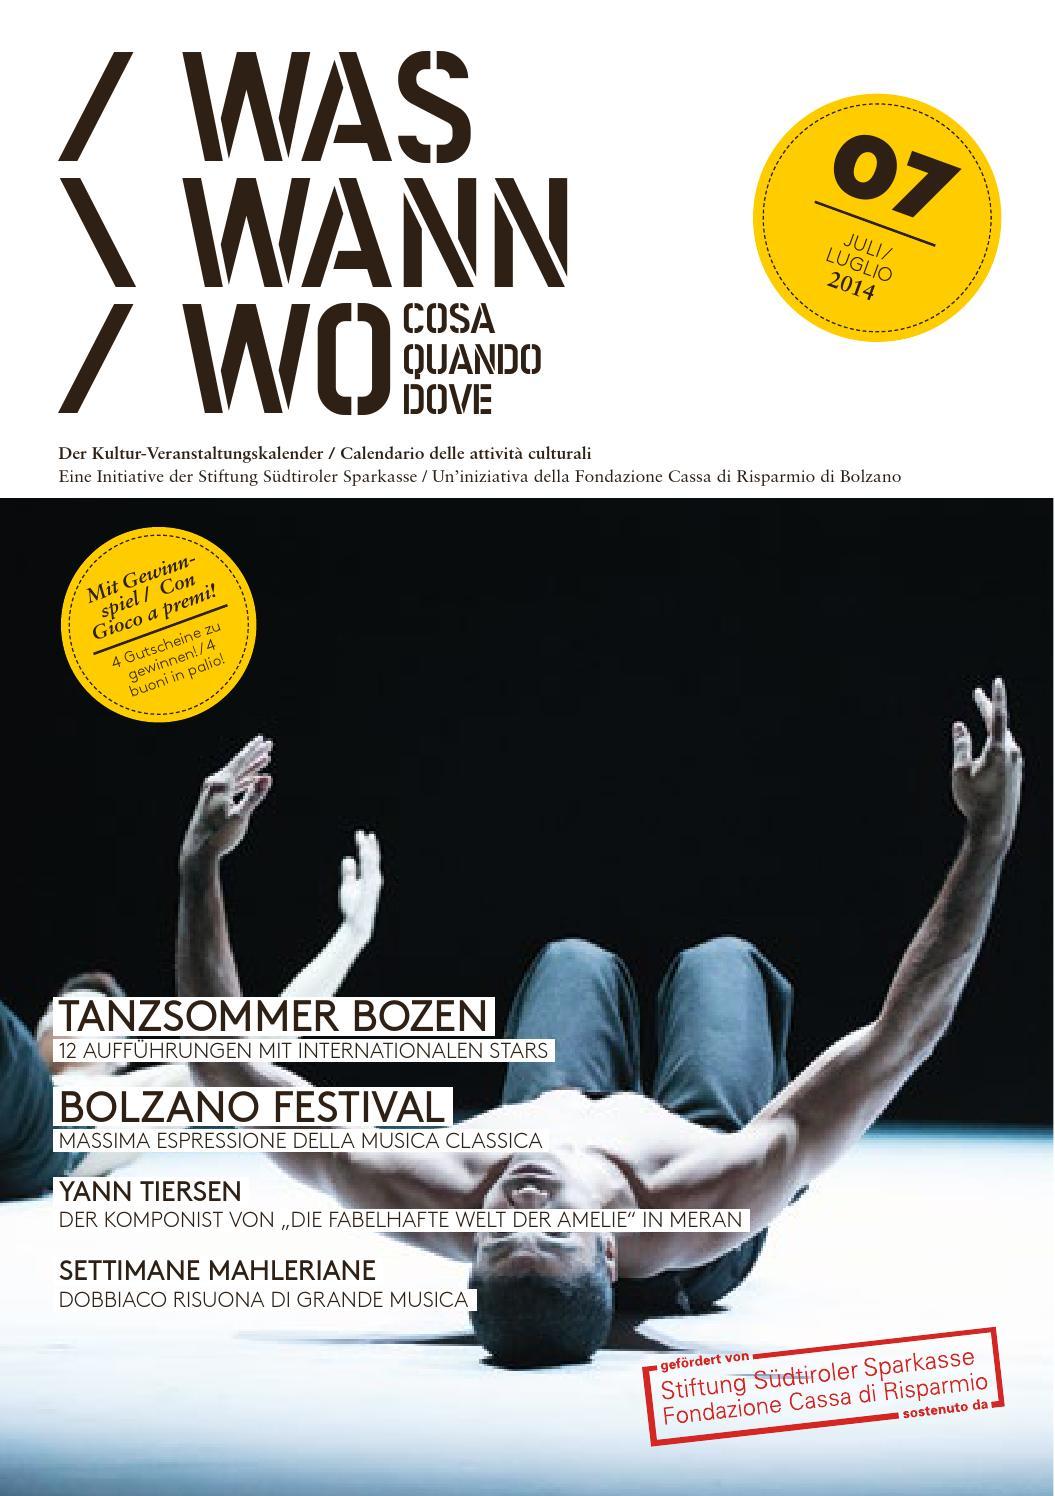 Www 2014 07 by Stiftung Südtiroler Sparkasse - issuu